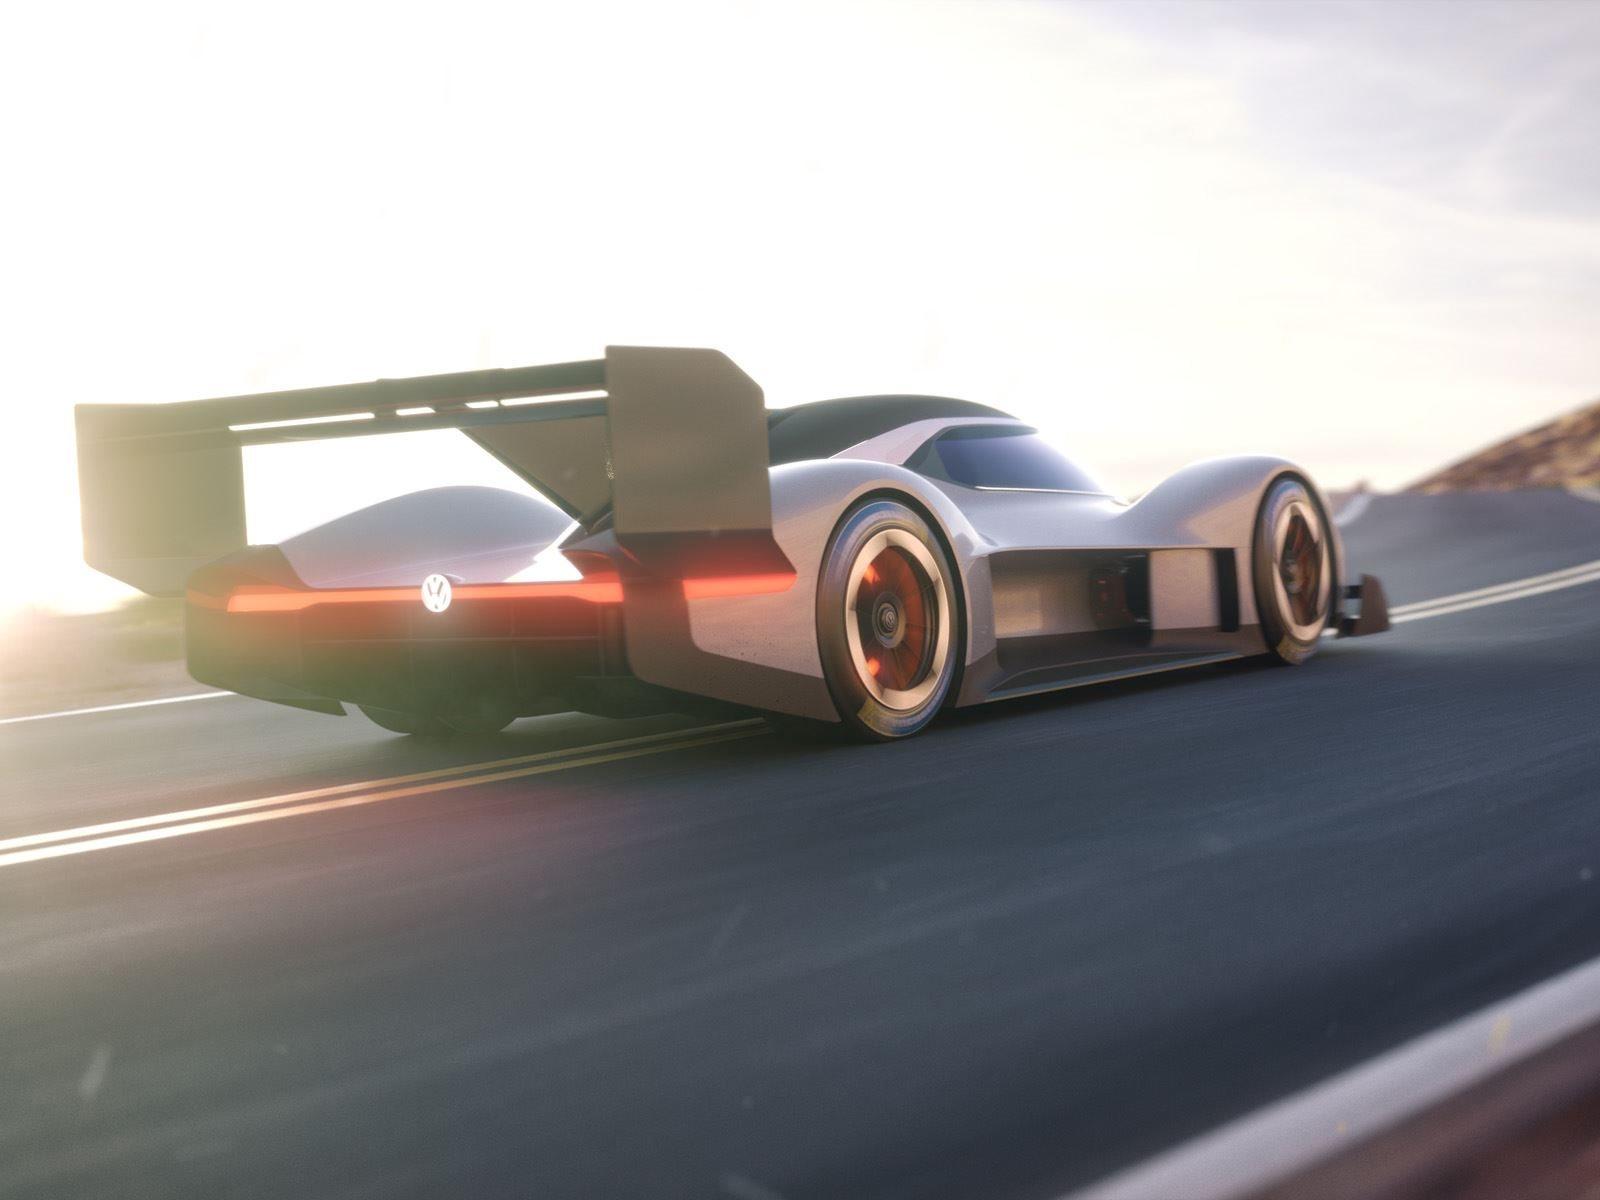 R Pikes Peak способен преодолевать 100 км/ч за 2,25 секунды благодаря общему весу в 1134 кг. Развитие автомобиля и его результат на Pikes Peak Hill Climb дадут информацию инженерам о том, как строить будущие дорожные электромобили. «Pikes Peak, безус